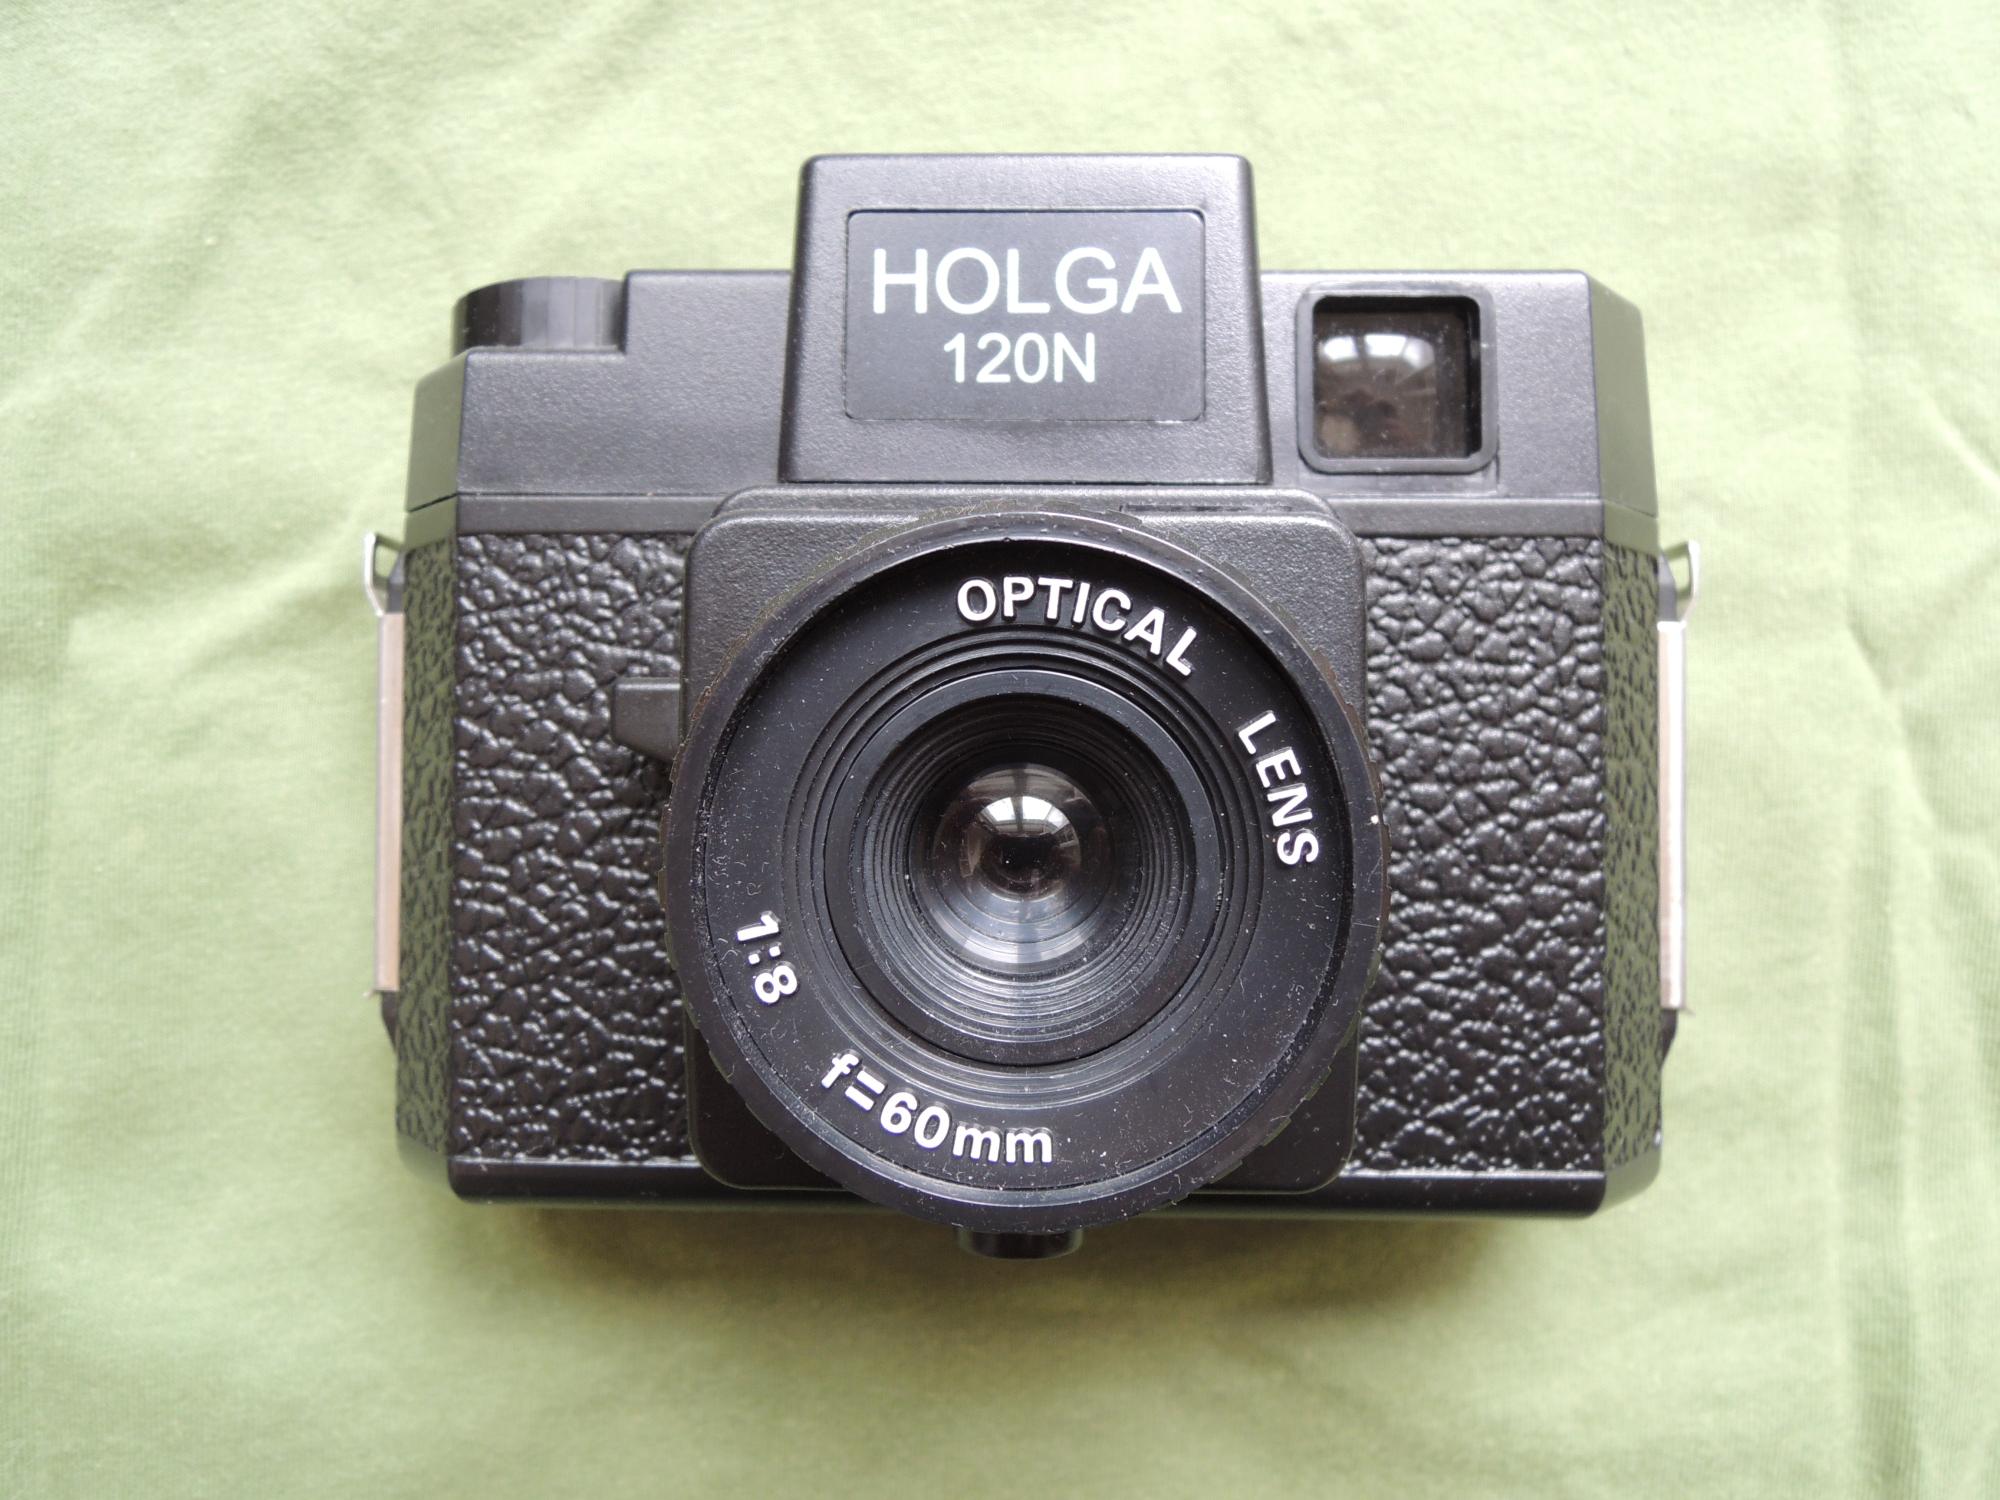 Holga 120N front